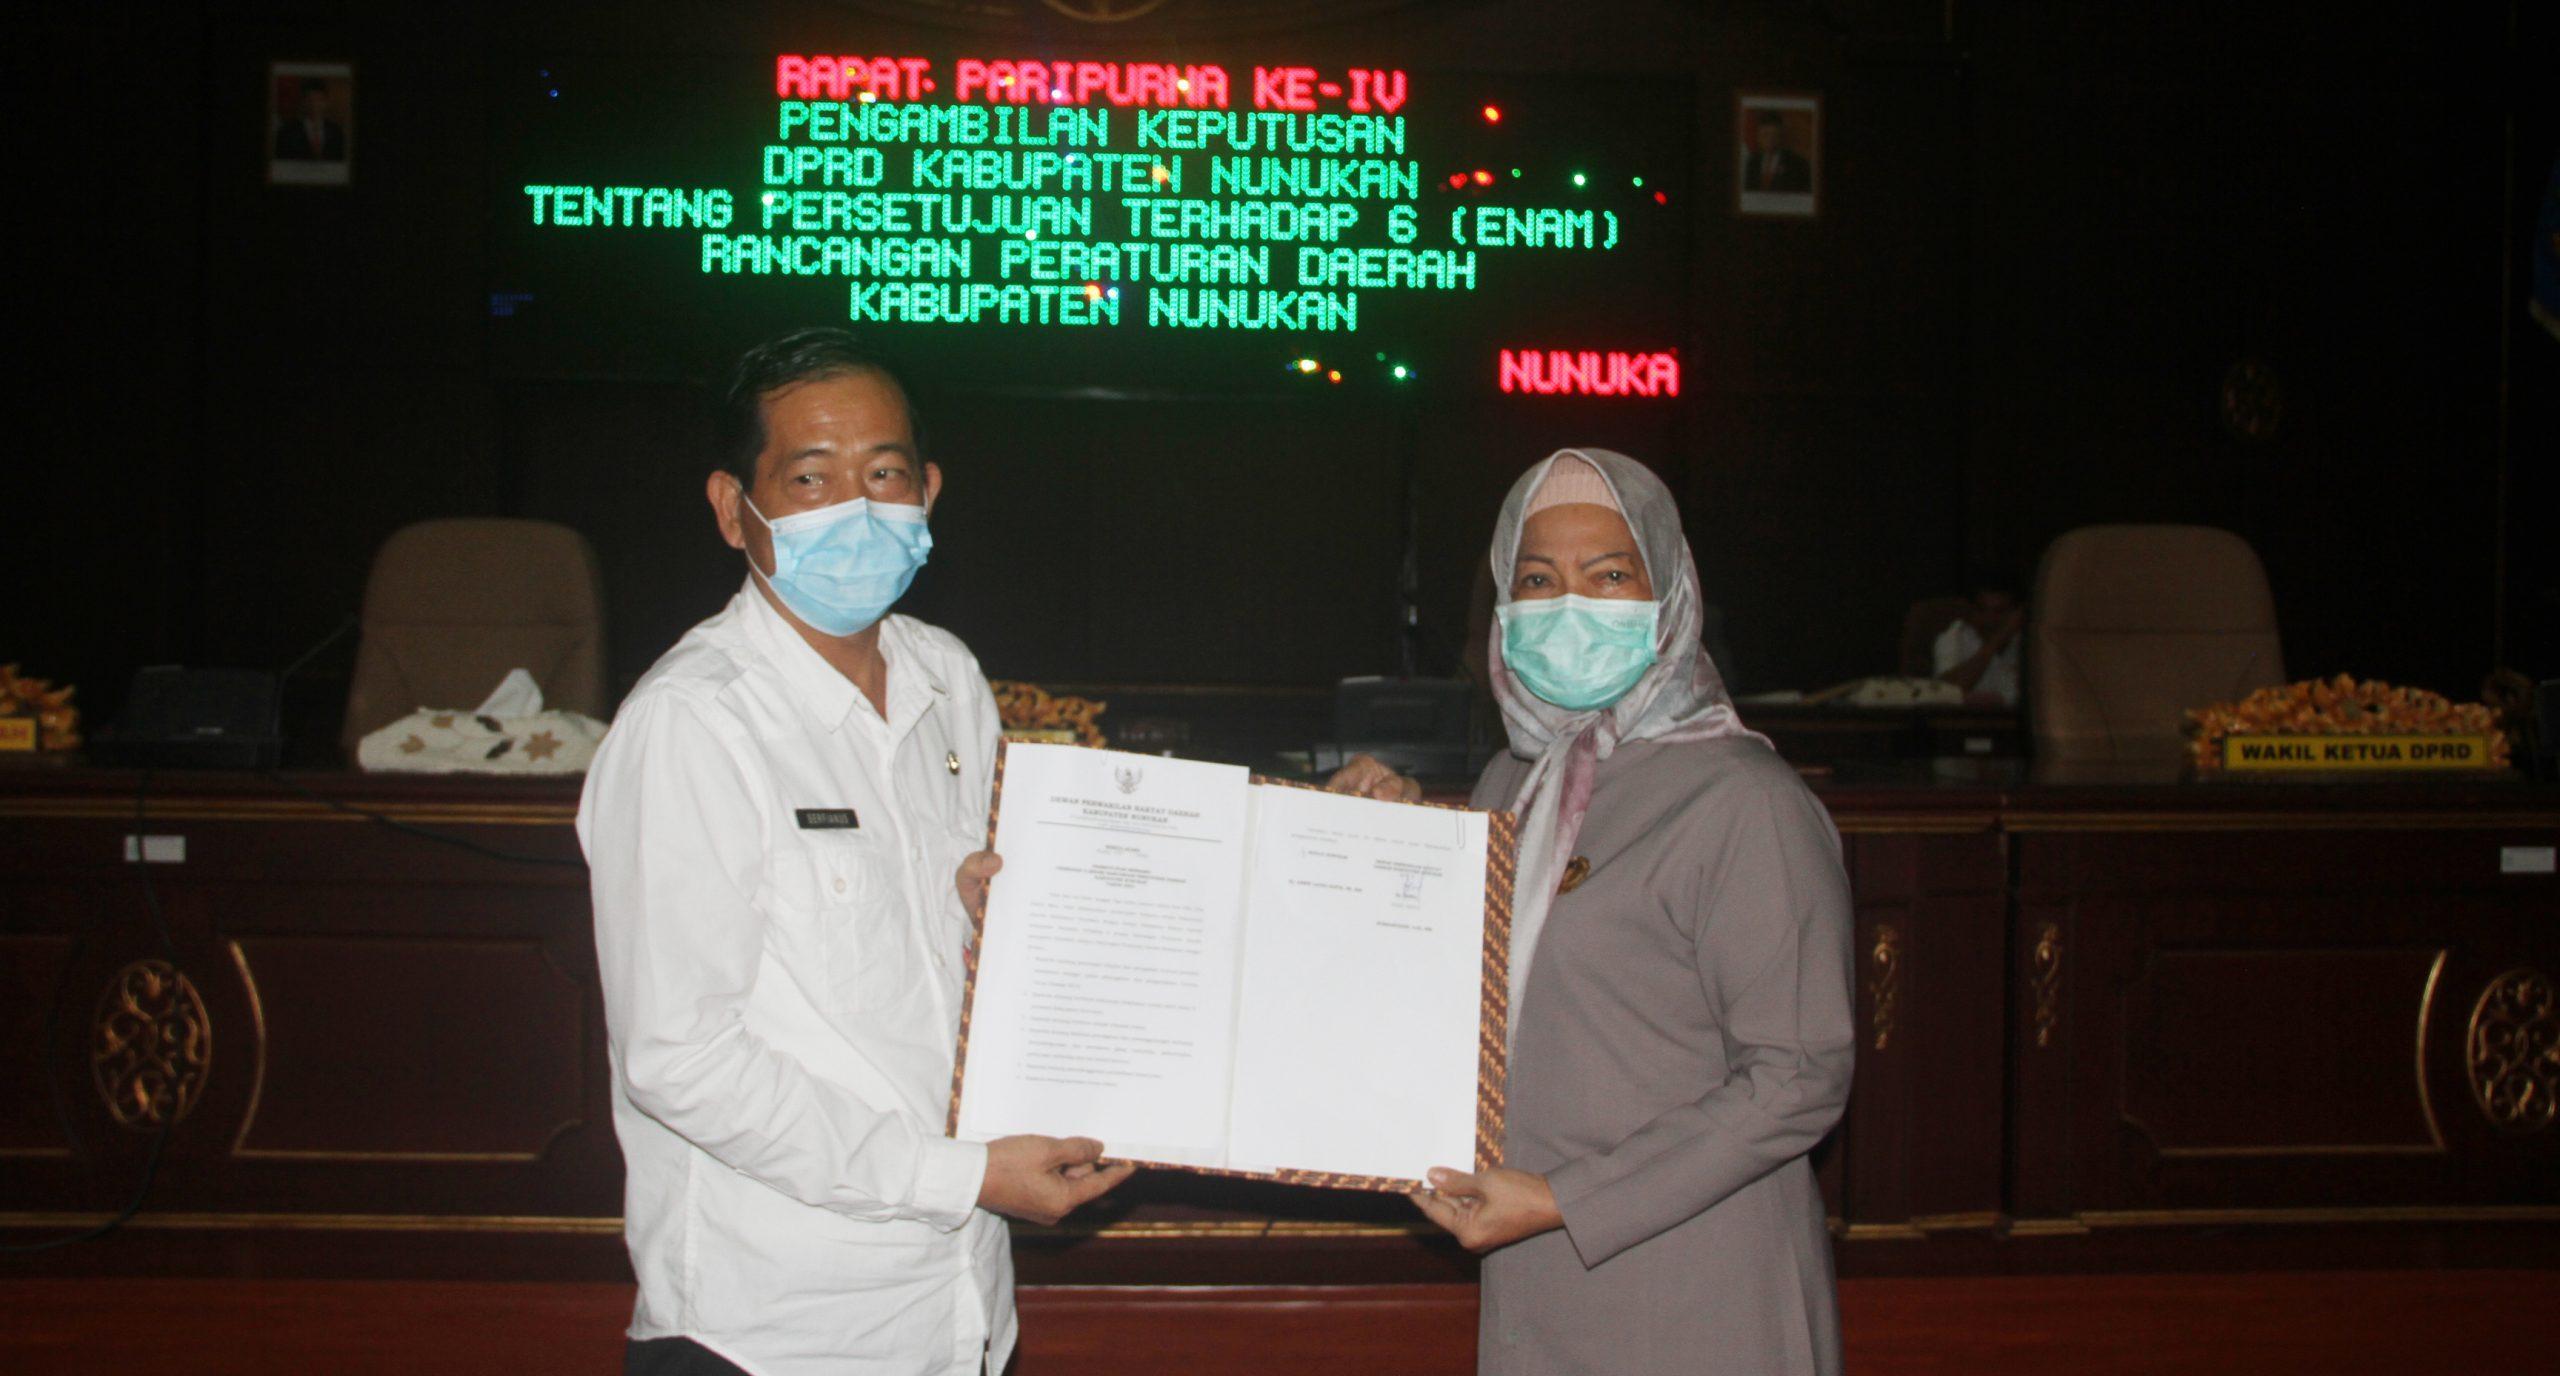 Penandatanganan persetujuan bersama terhadap enam Rancangan Peraturan Daerah ditetapkan menjadi Peraturan Daerah Kabupaten Nunukan